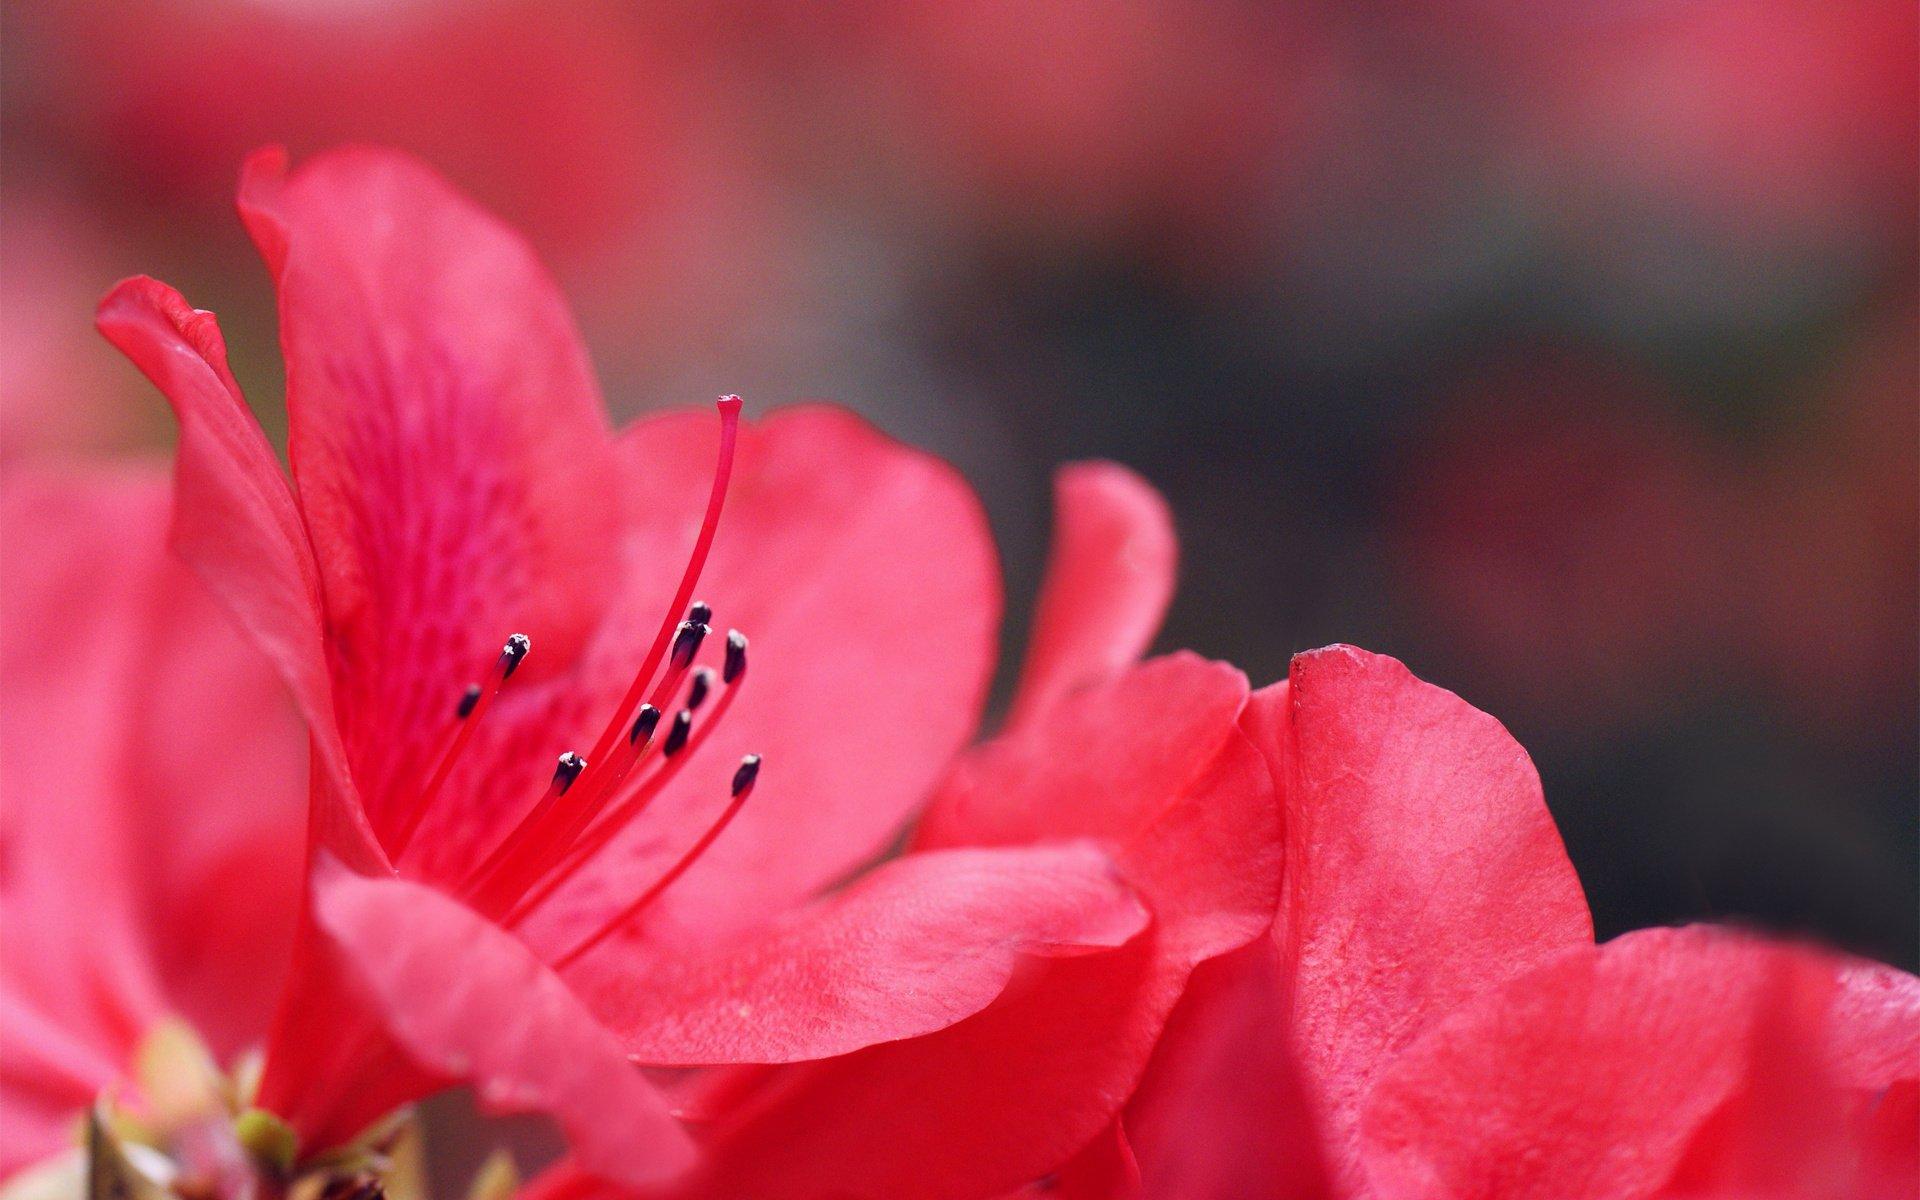 азалия лепестки цветы  № 3898058 загрузить